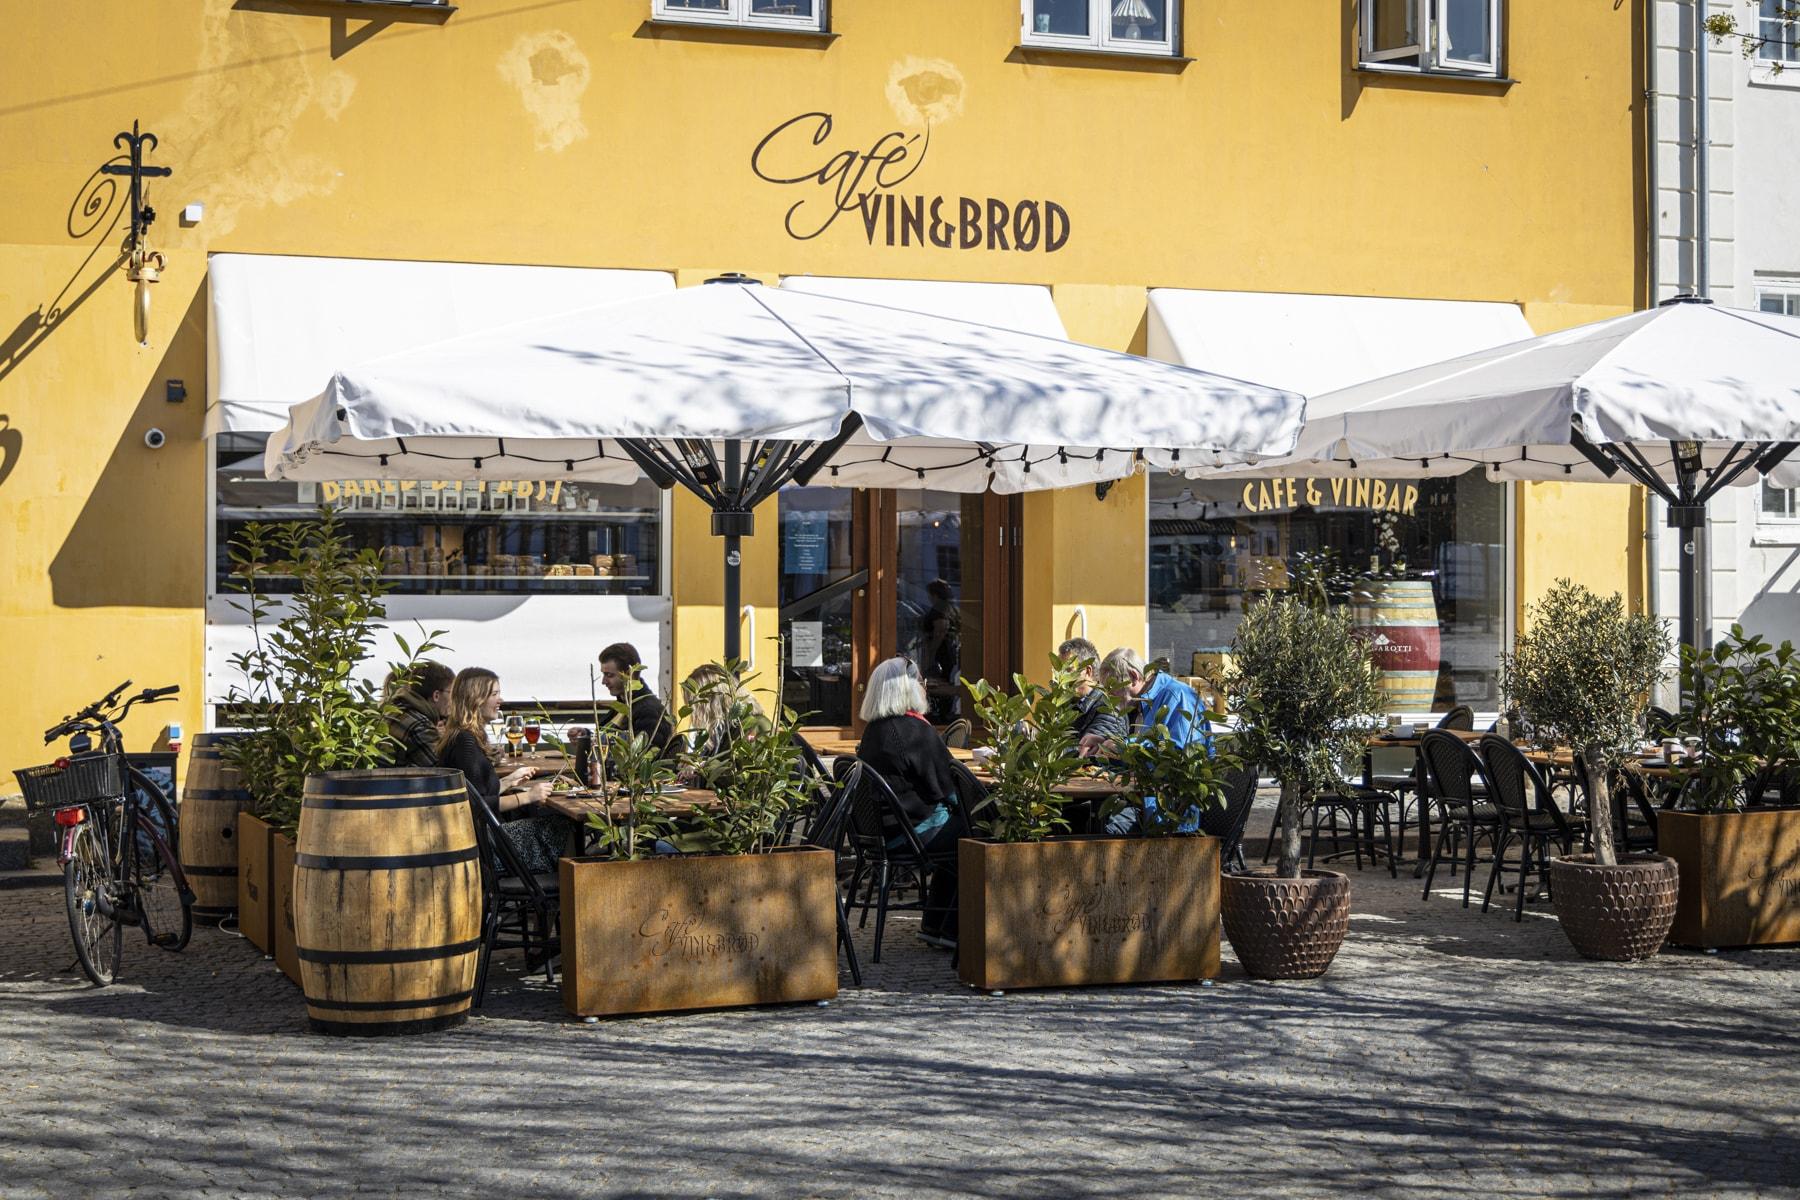 cafe-vin-og-brod-ubeskaaret-54